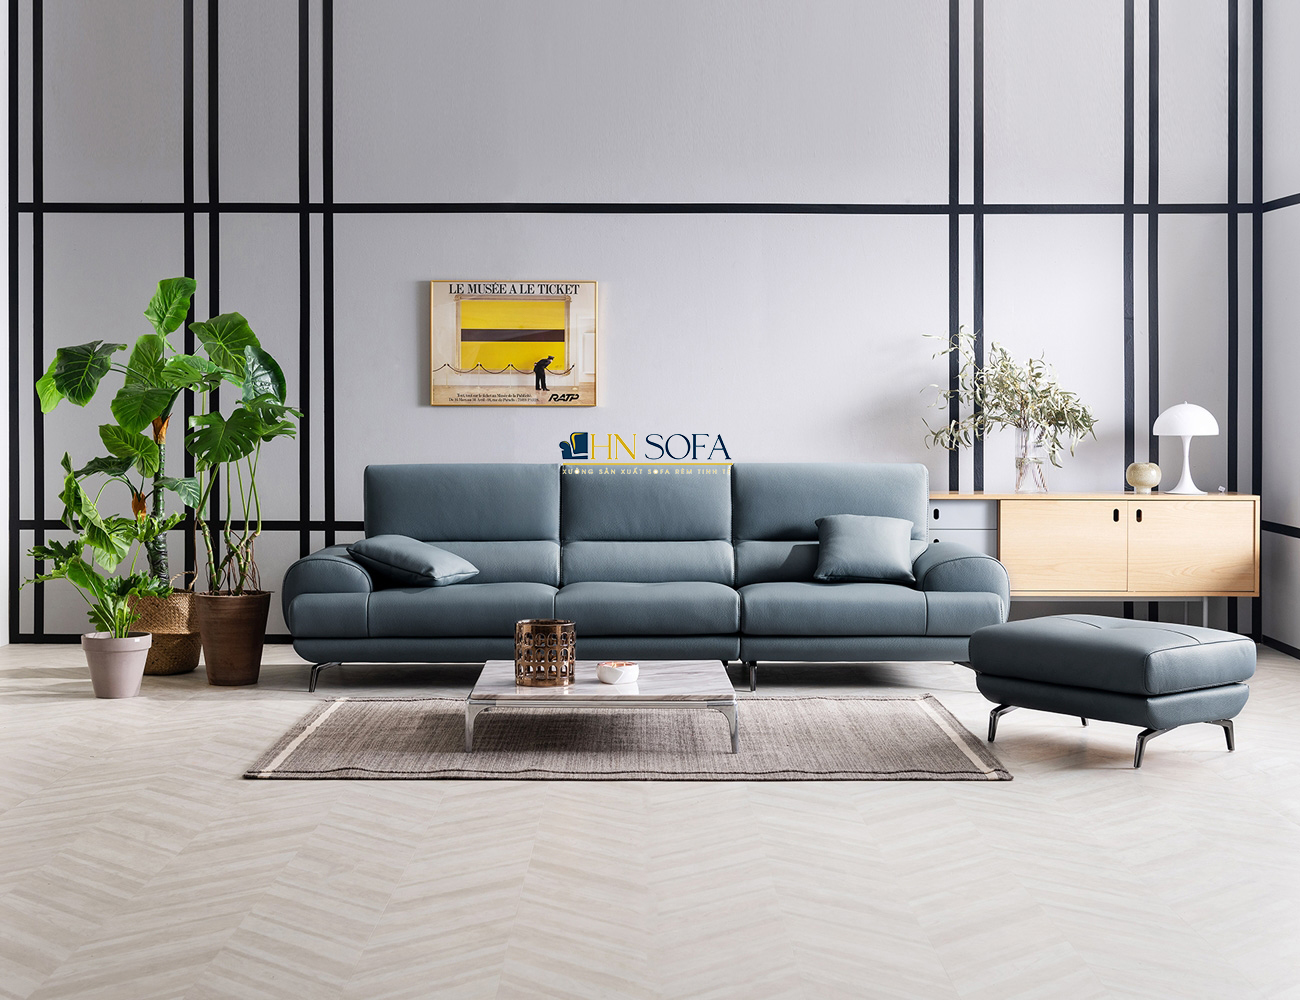 Mẫu sofa băng hiện đại HNS33